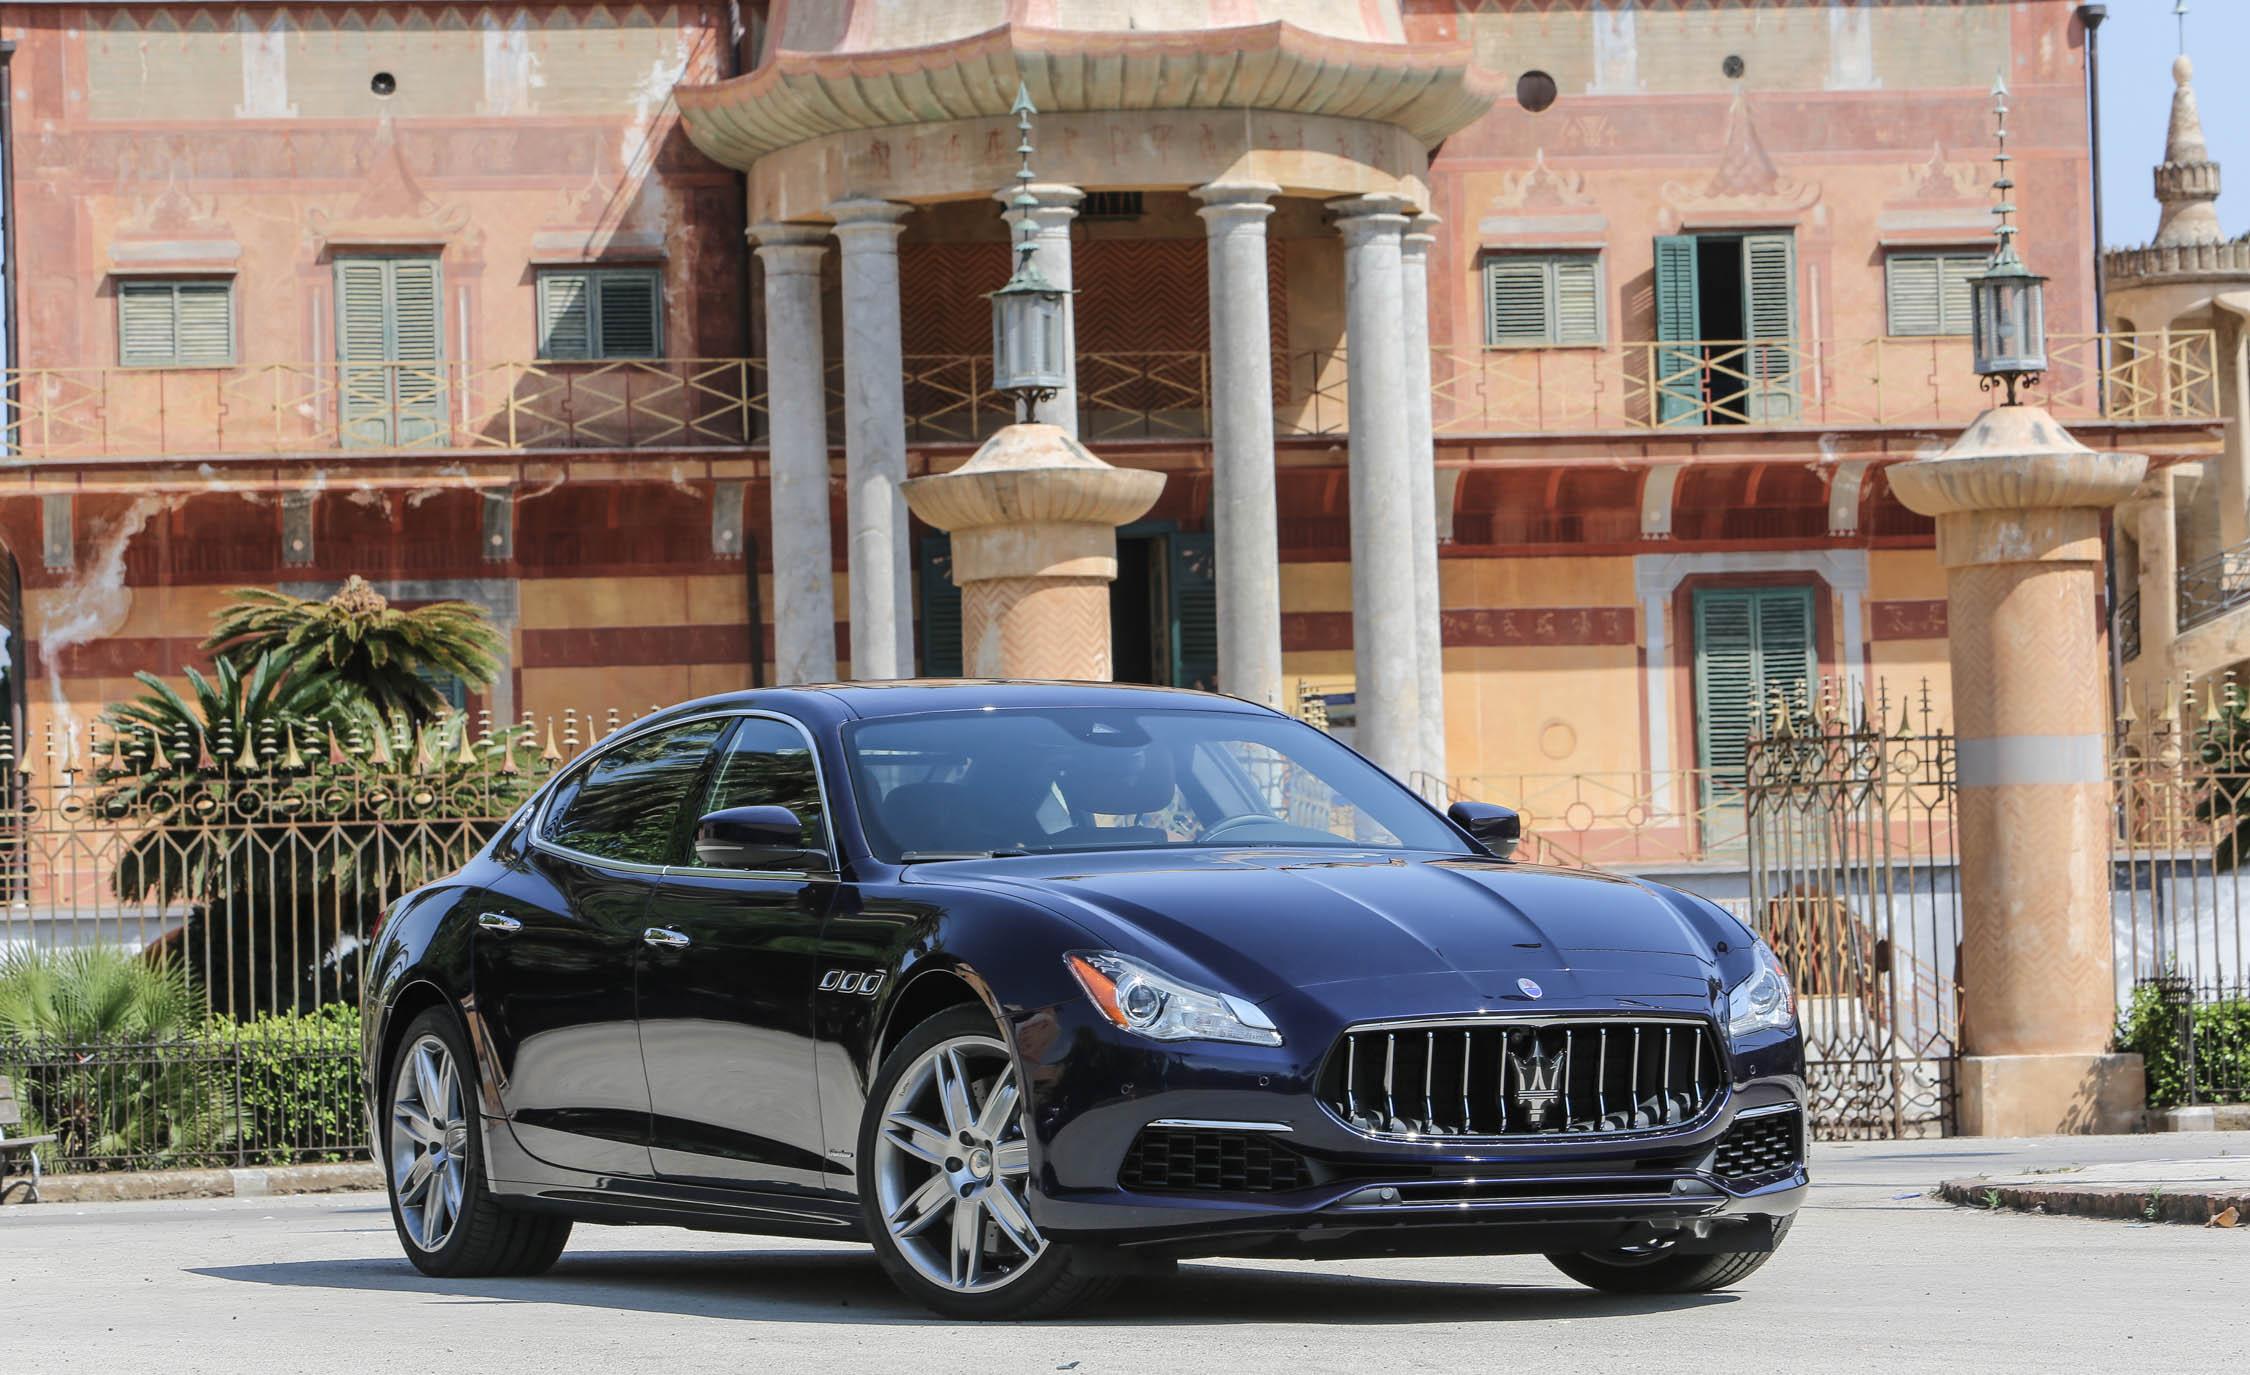 2017 Maserati Quattroporte GTS GranLusso (Photo 12 of 55)